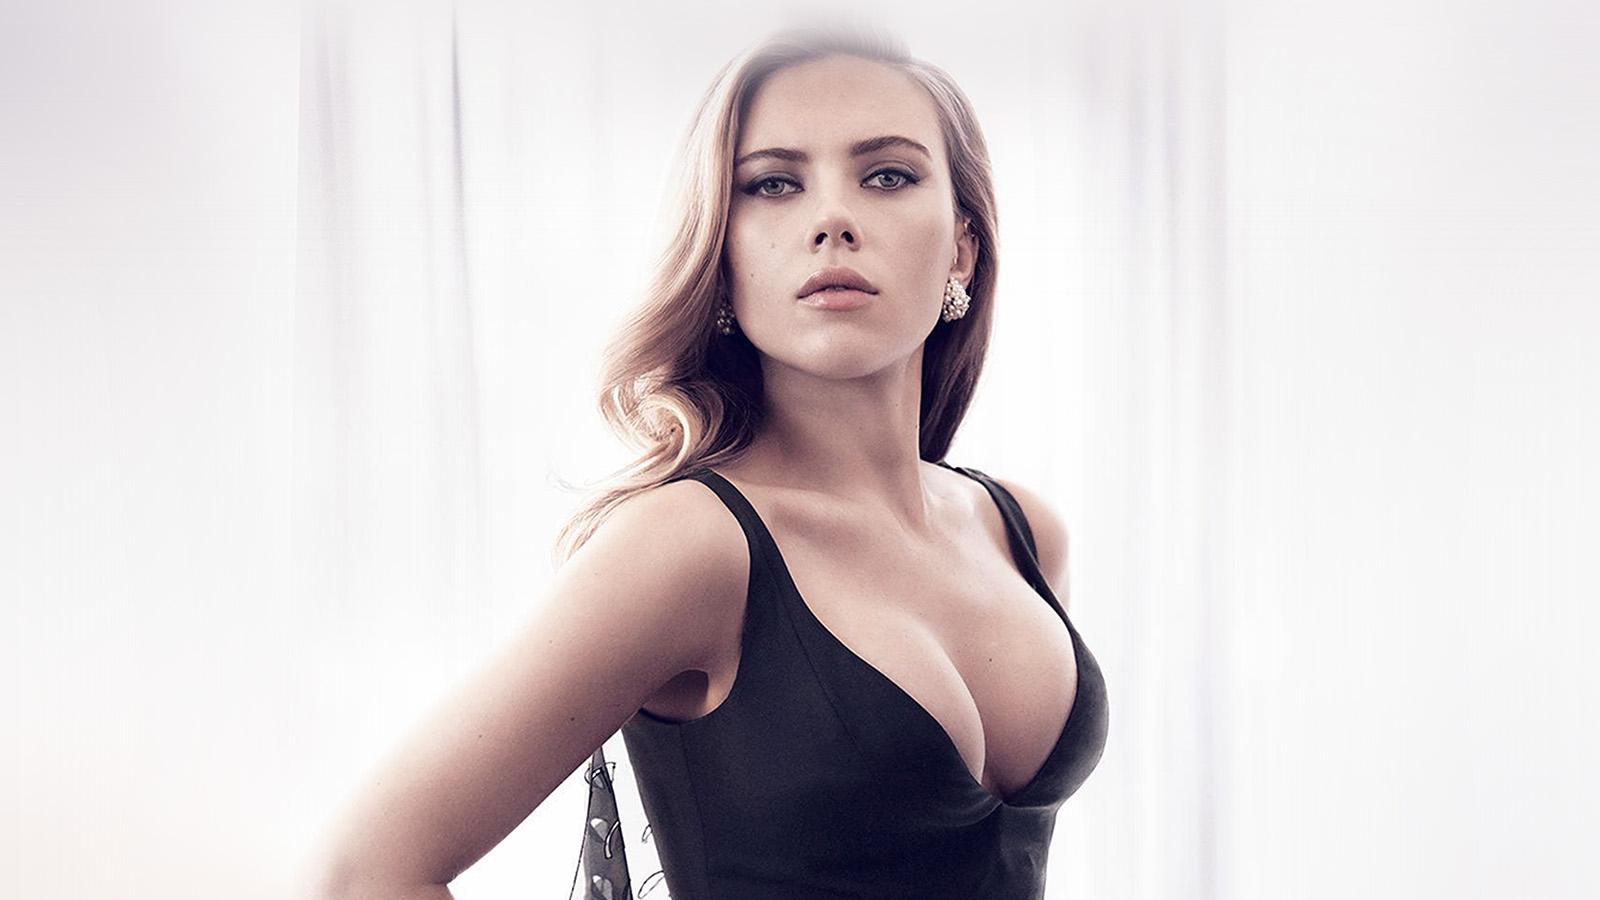 Fall Wallpaper Ipad Pro Ho52 Scarlett Johansson Girl Film Sexy Hero Wallpaper